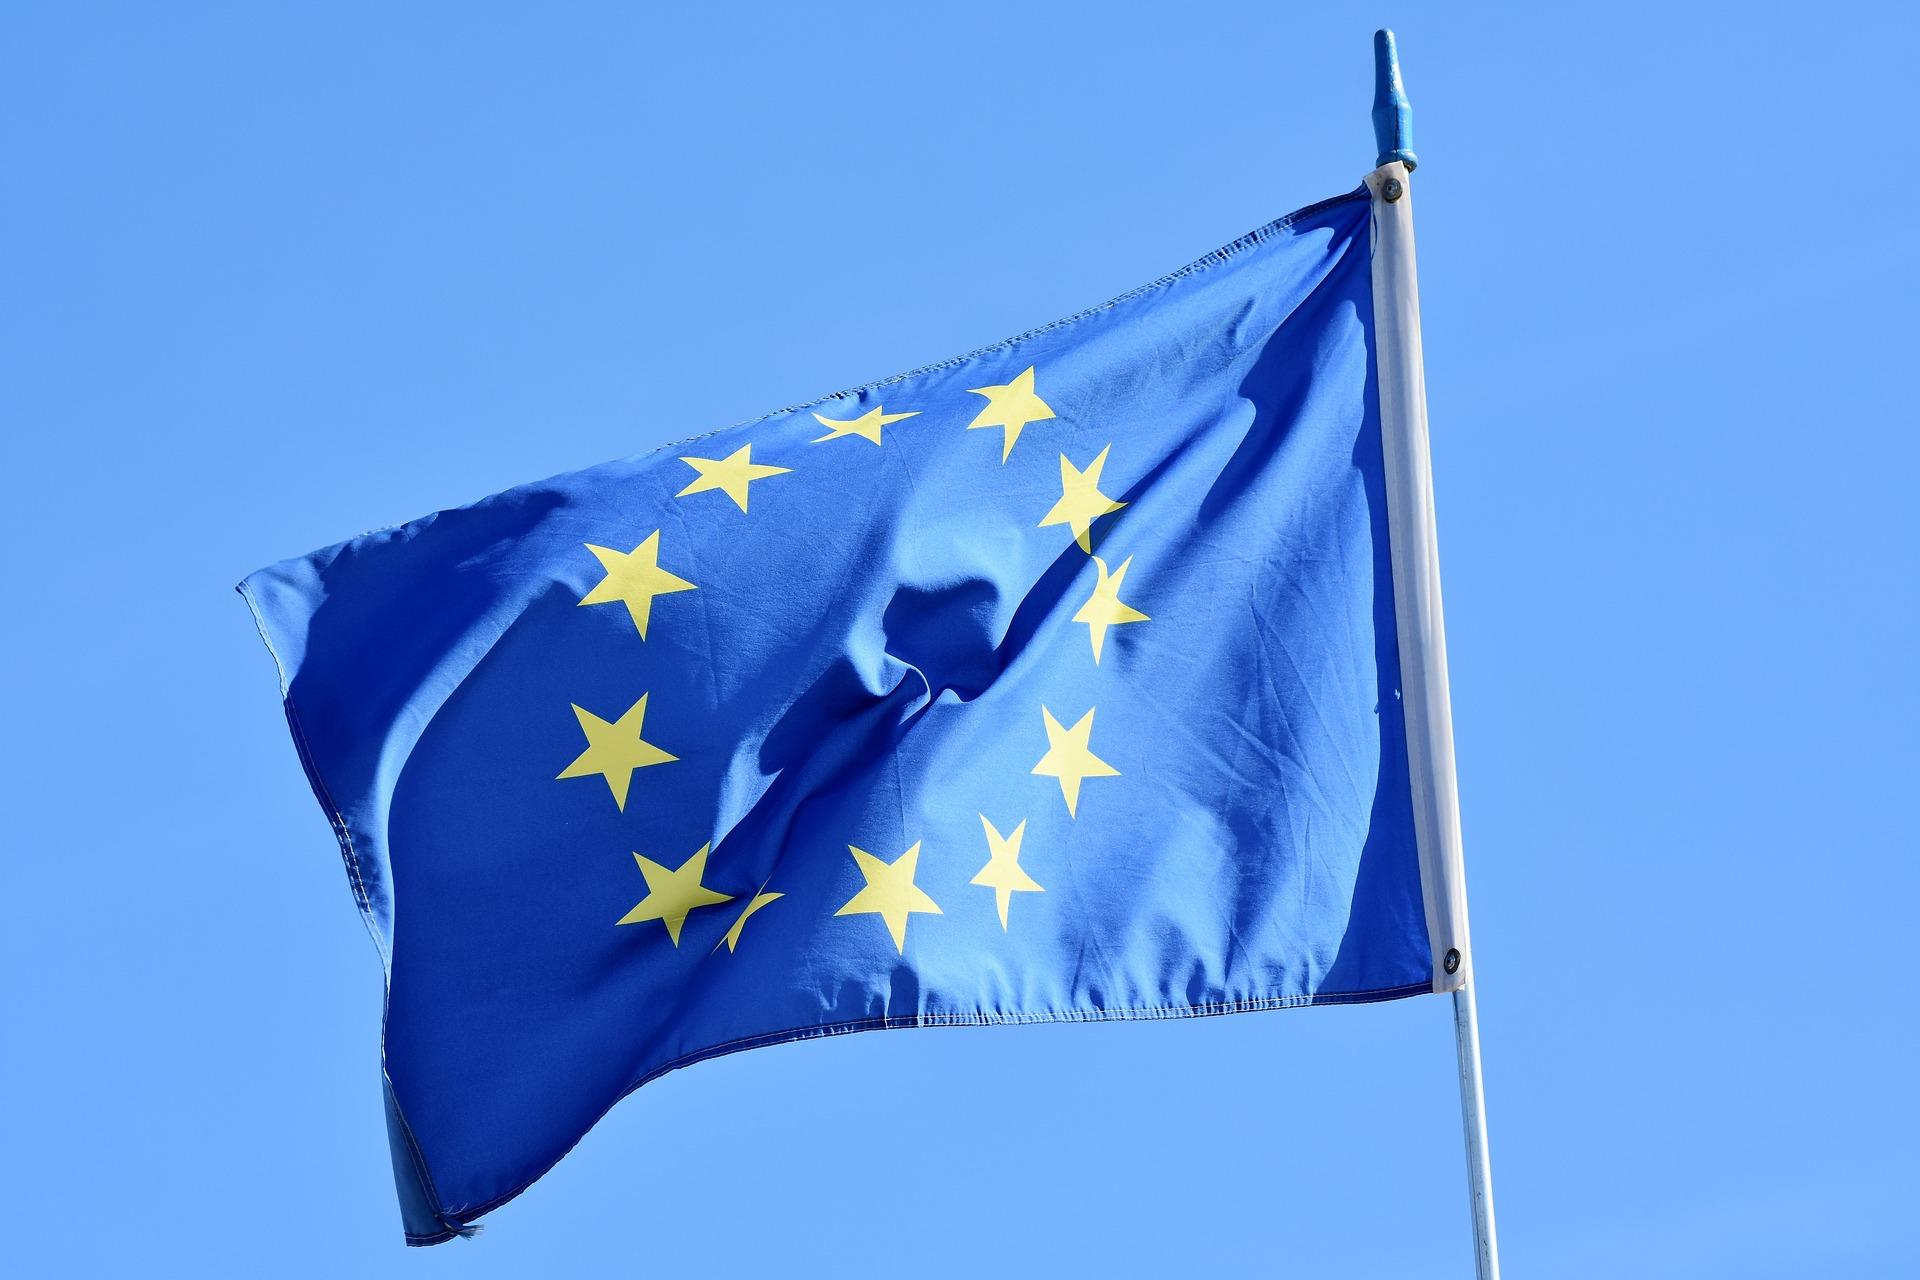 Con la intención de fomentar las finanzas digitales, la Unión Europea buscará establecer nuevas regulaciones para los criptoactivos en los próximos cuatro años, según destaca un informe